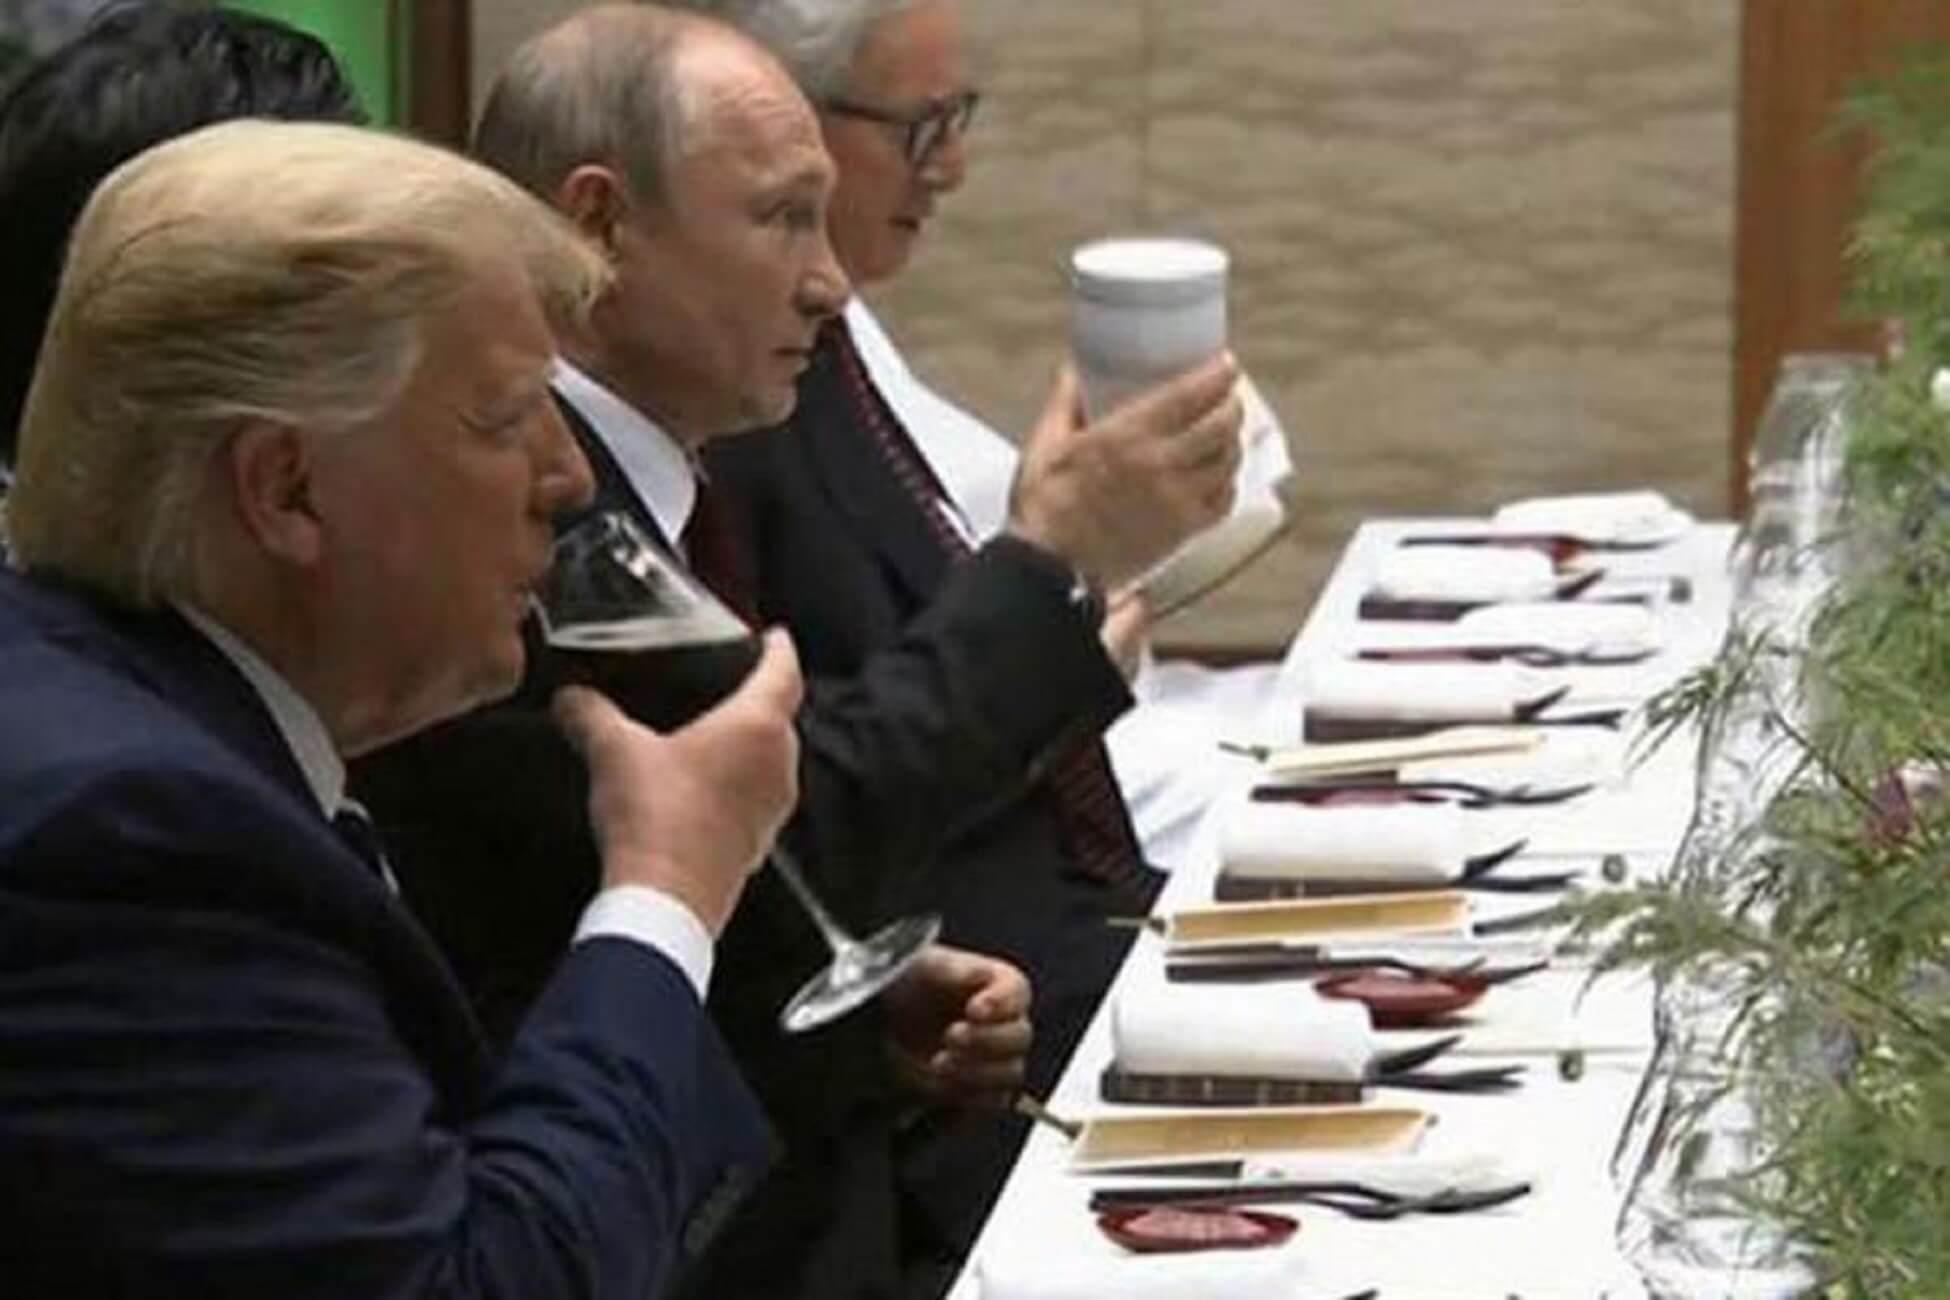 Η απάντηση του Κρεμλίνου μετά τα σενάρια για την κούπα του Πούτιν – video